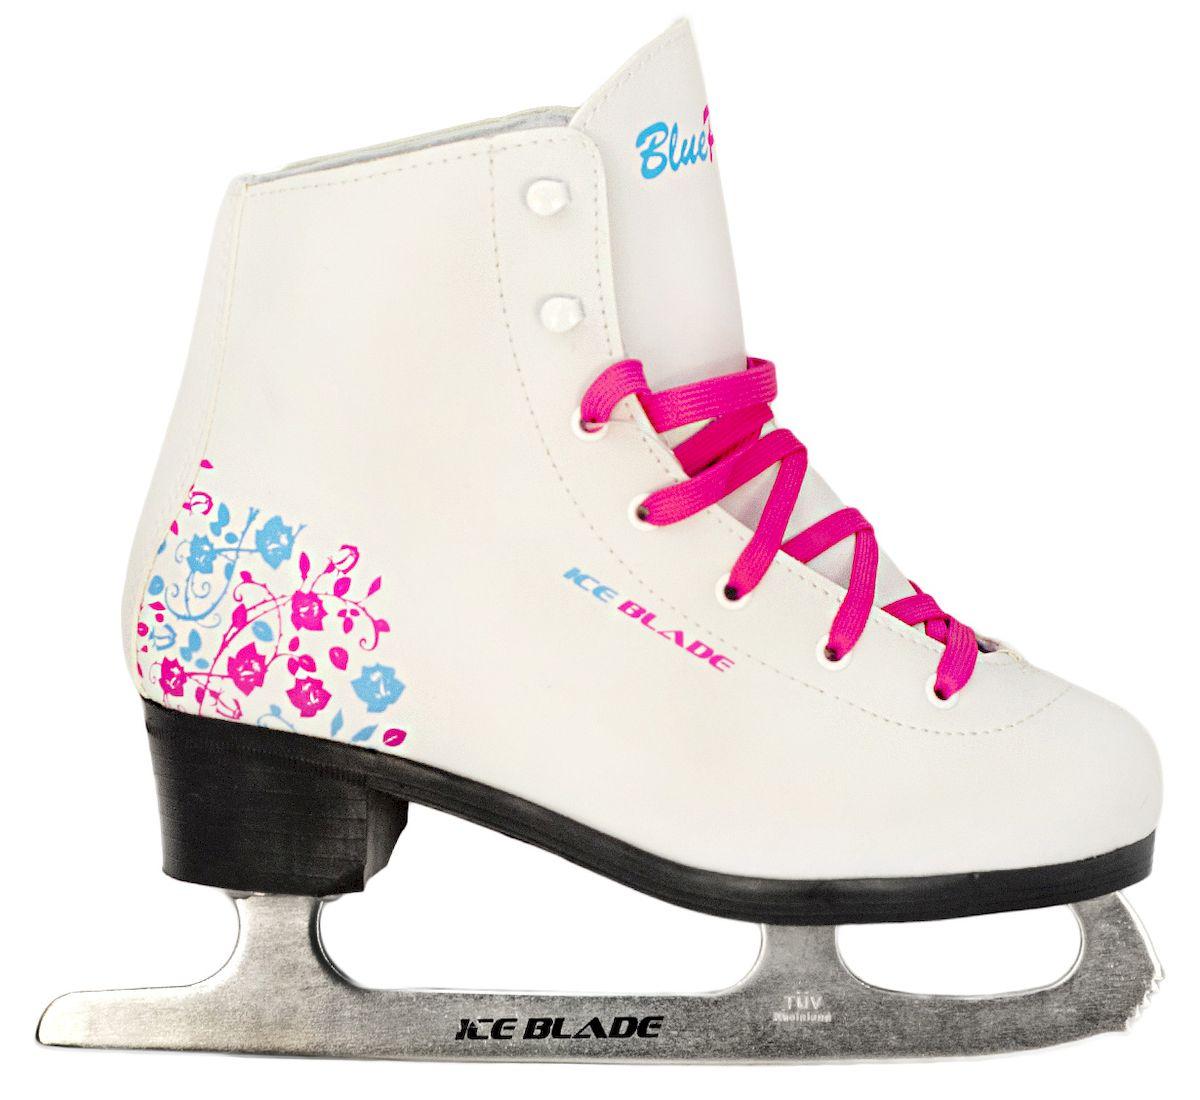 Коньки фигурные Ice Blade BluePink, цвет: белый, розовый, голубой. УТ-00006869. Размер 35УТ-00006869Коньки фигурные Ice Blade BluePink предназначены для любительского фигурного катания. Яркий и нестандартныйдизайн модели BluePink совмещает голубой и розовый цвет. Более того, в комплекте помимо розовых шнурков идетпара голубых, пусть каждая любительница катания на коньках выберет для себя, какой цвет ей больше по душе. Ботинок анатомической конструкции выполнен из высококачественной искусственной кожи, покрытойполиуретаном, защищающим от влаги. Внутренняя набивка из специального материала, комфортноадаптирующегося к форме ноги. Внутренняя отделка из мягкого вельвета. Лезвия изготовлены из высокоуглеродистой стали, сертифицированной TUV Rheiland. Коньки поставляются сзаводской заточкой лезвия, что позволяет сразу приступить к катанию, не тратя время и денег на заточку. Конькиподходят для использования на открытом и закрытом льду.